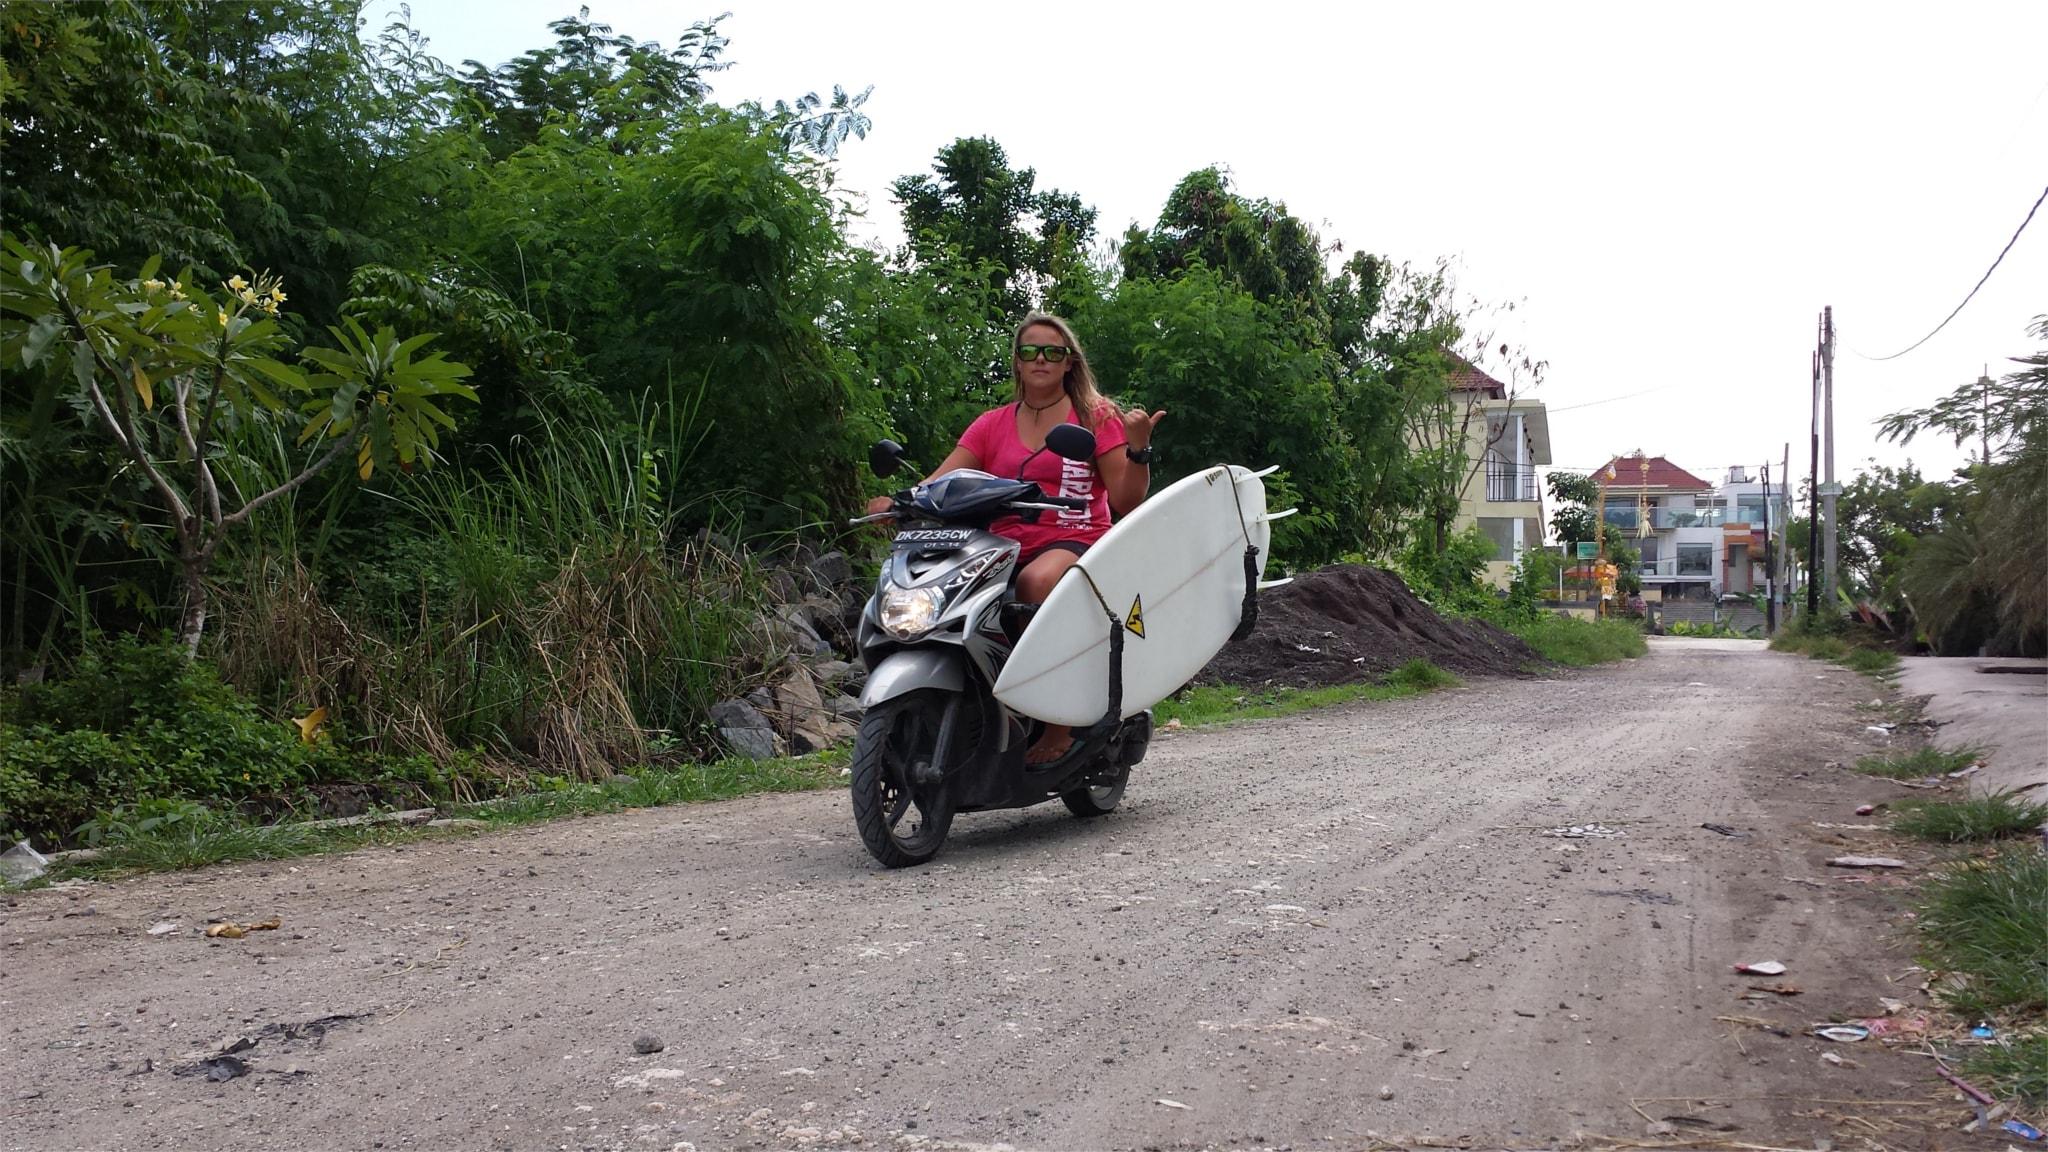 Mit der richtigen Vorbereitung konnte Ramona in ihrem Urlaub jeden Tag surfen.